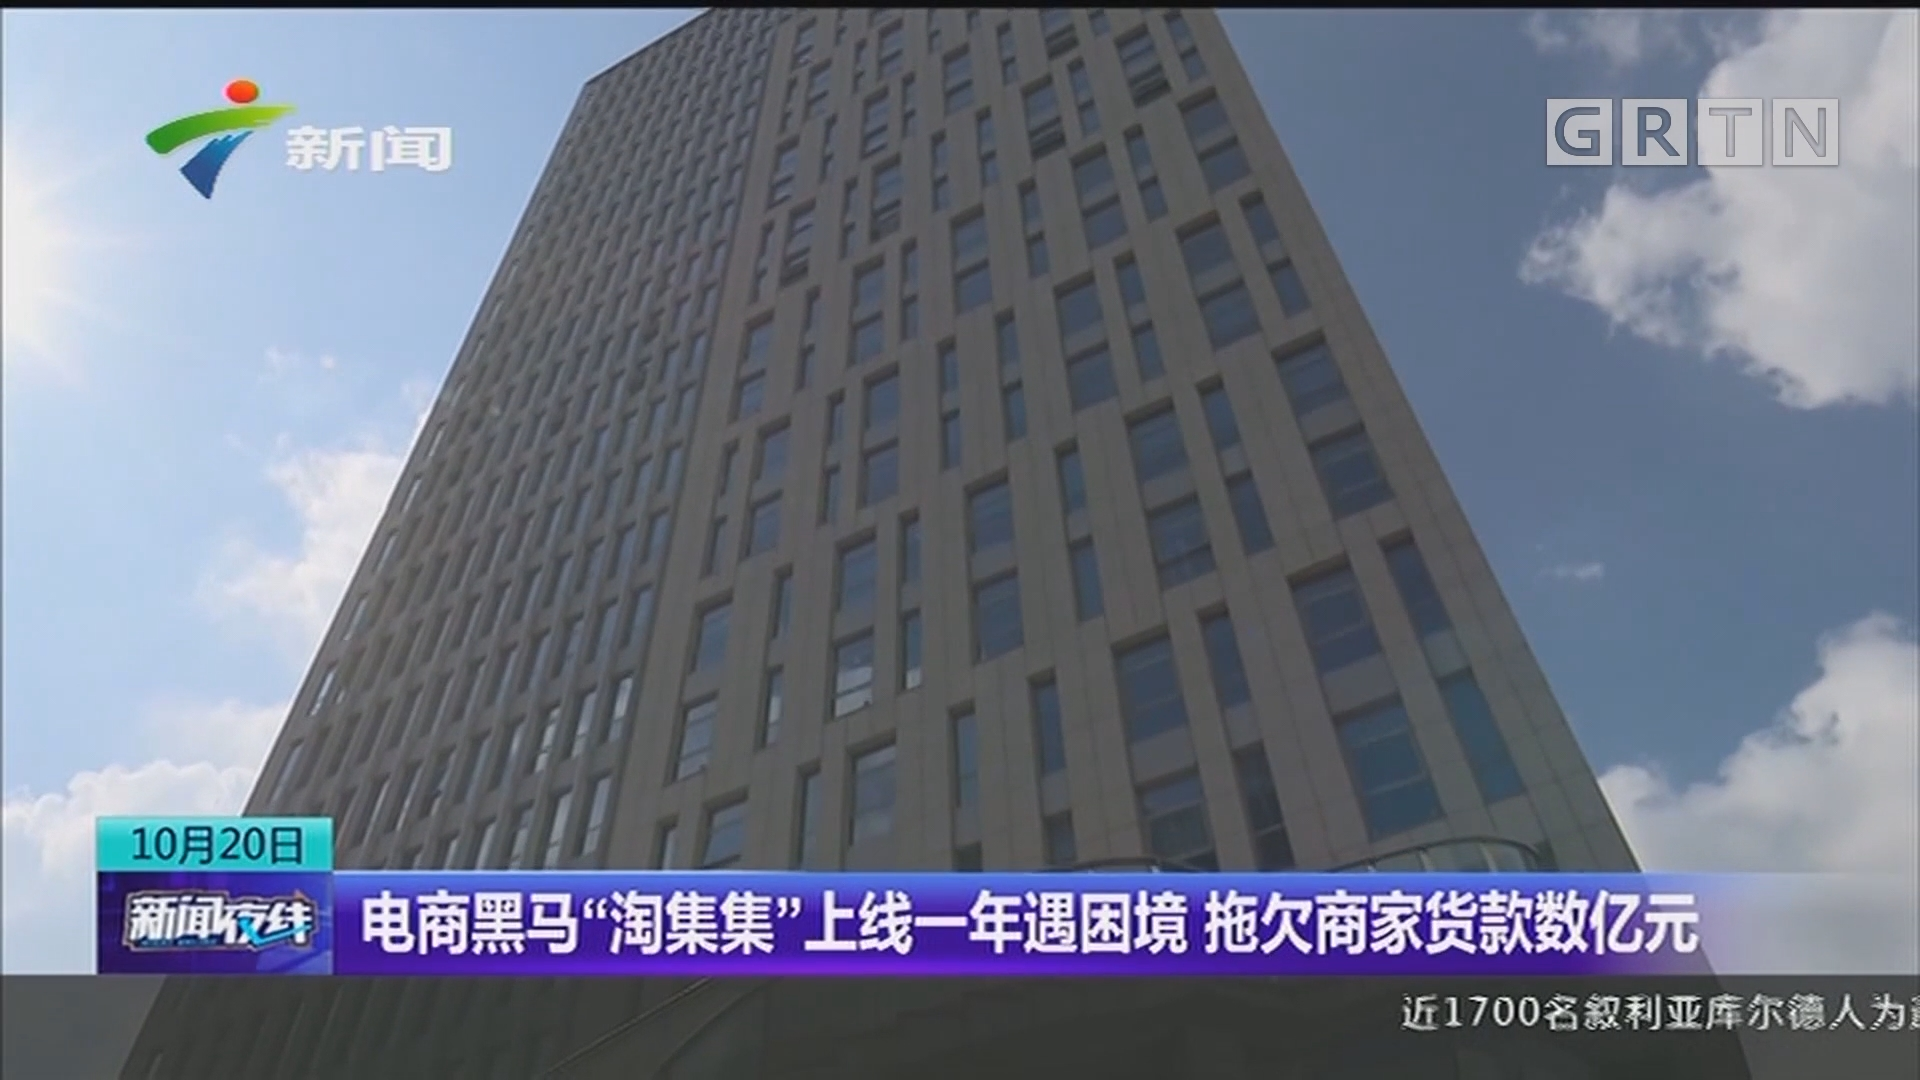 """电商黑马""""淘集集""""上线一年遇困境 拖欠商家货款数亿元"""